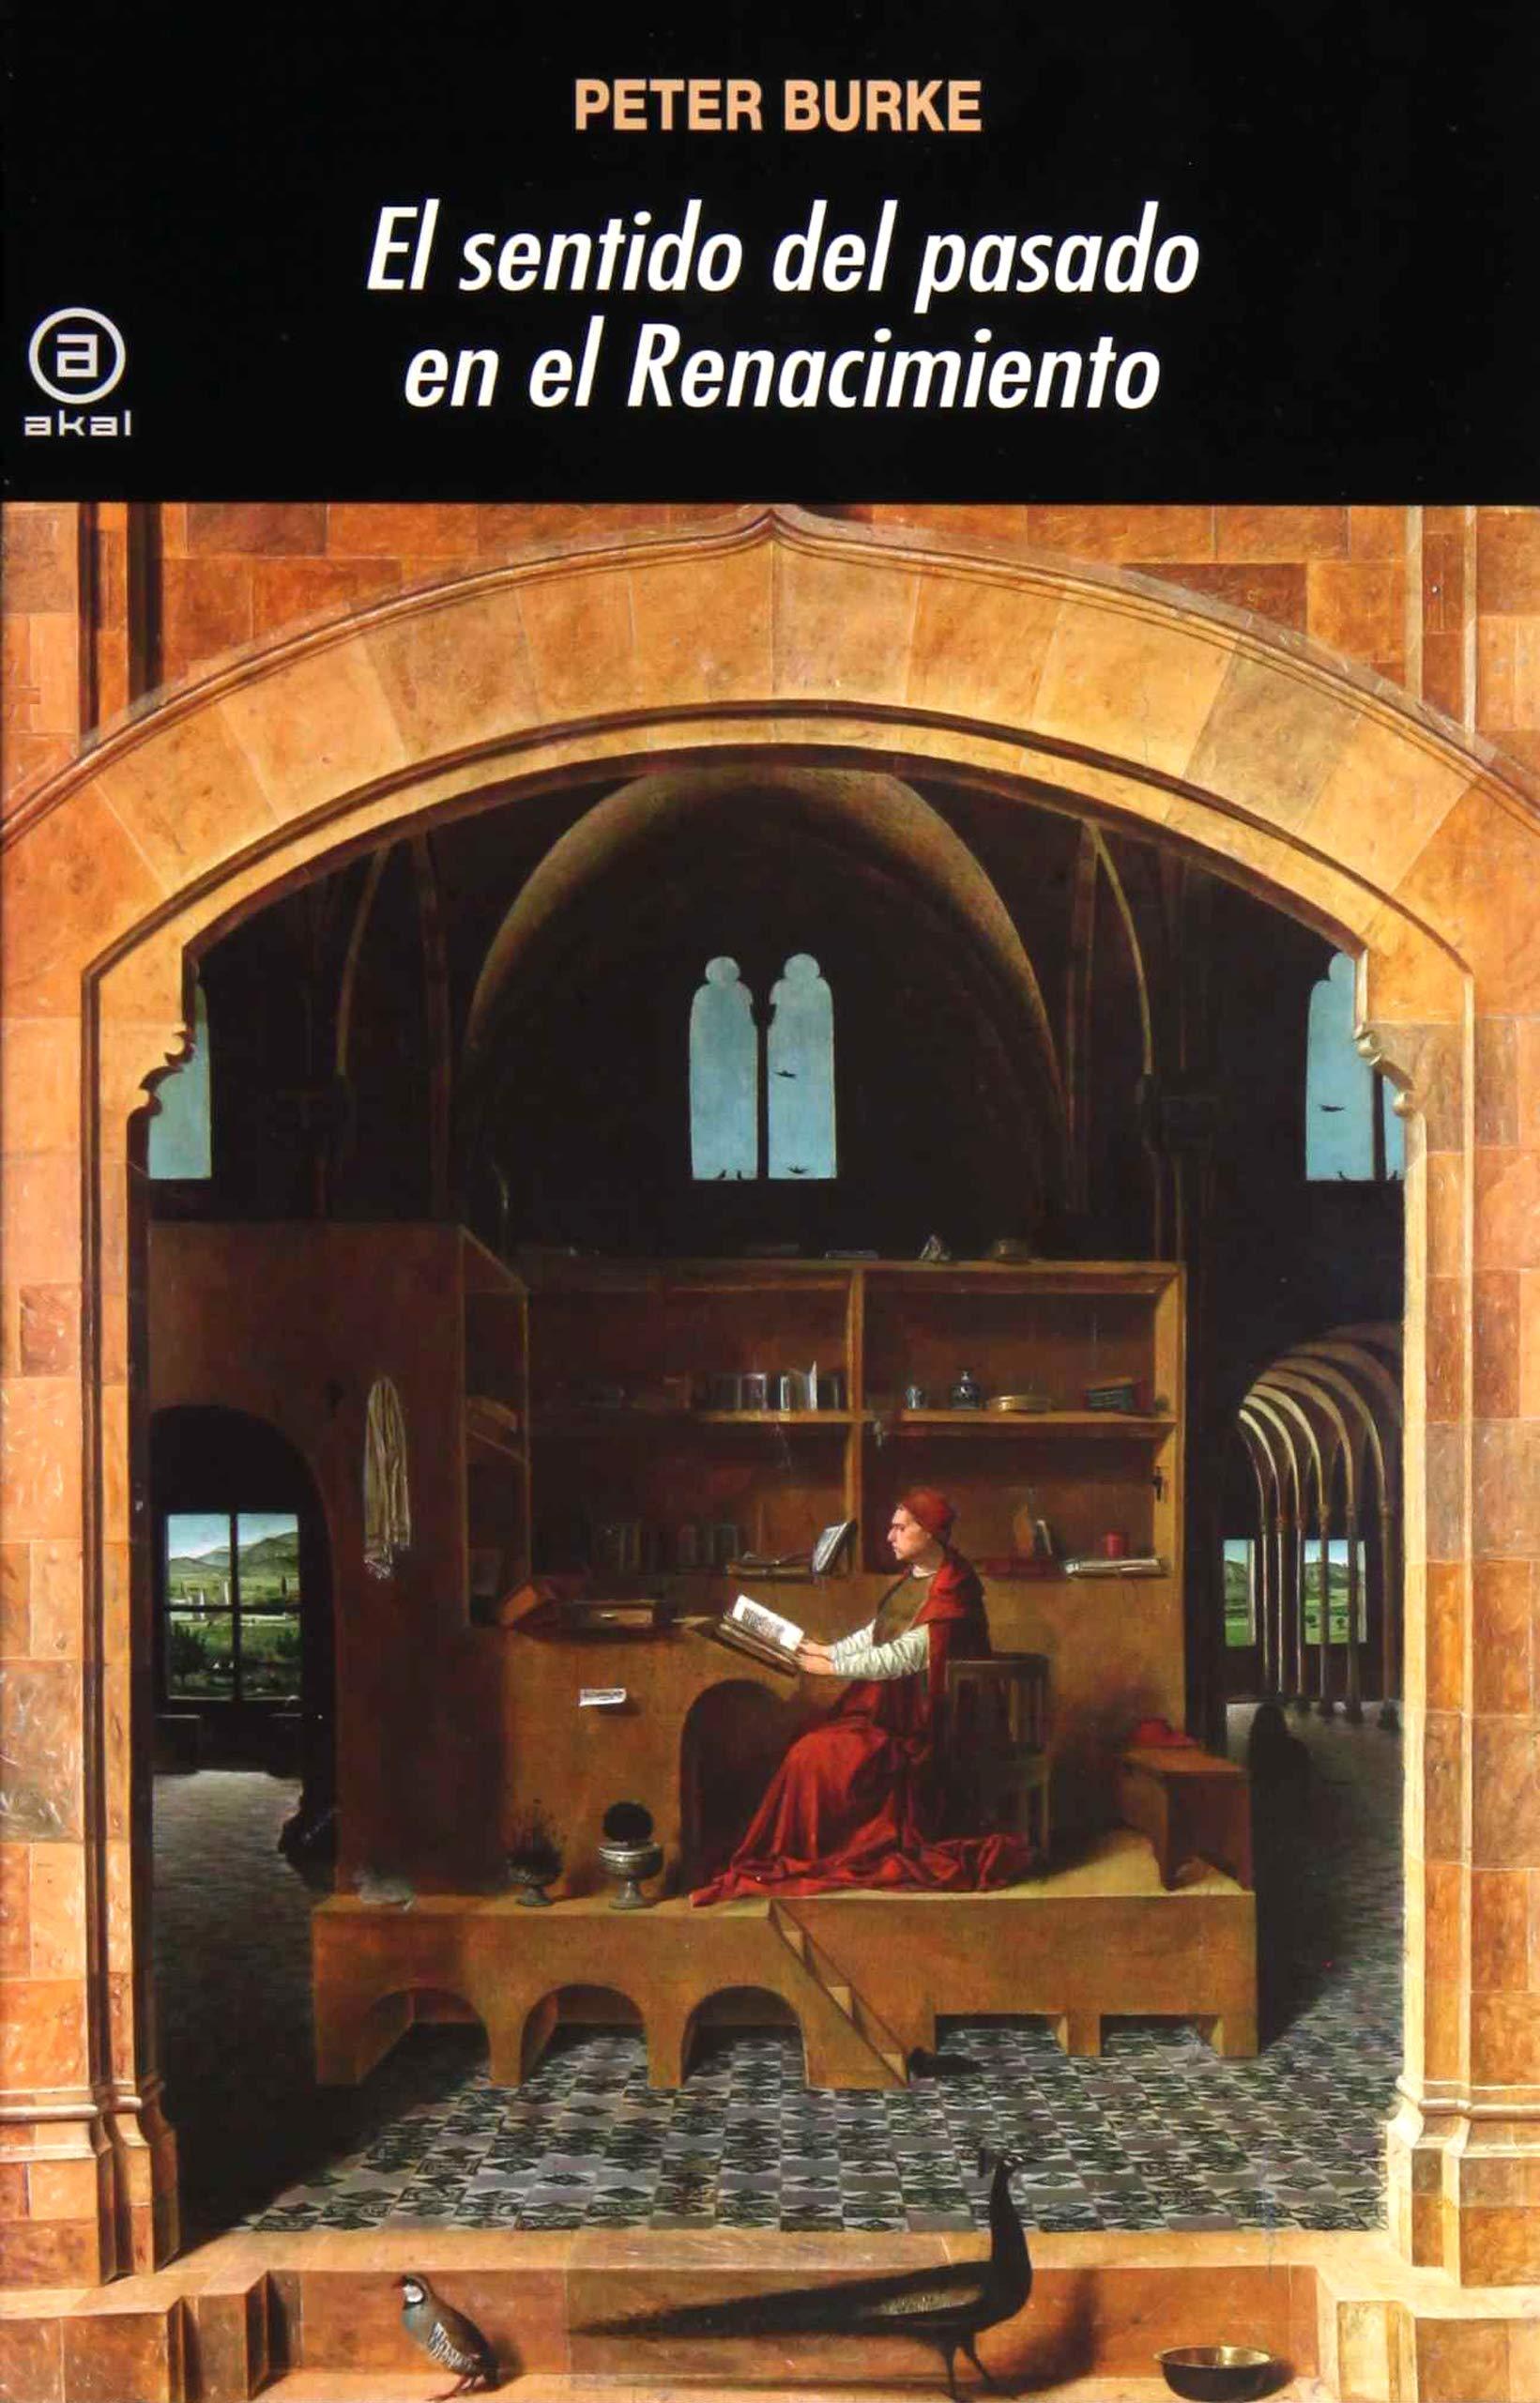 El sentido del pasado en el Renacimiento: 363 Universitaria: Amazon.es: Burke, Peter, Chaparro Martínez, Sandra: Libros